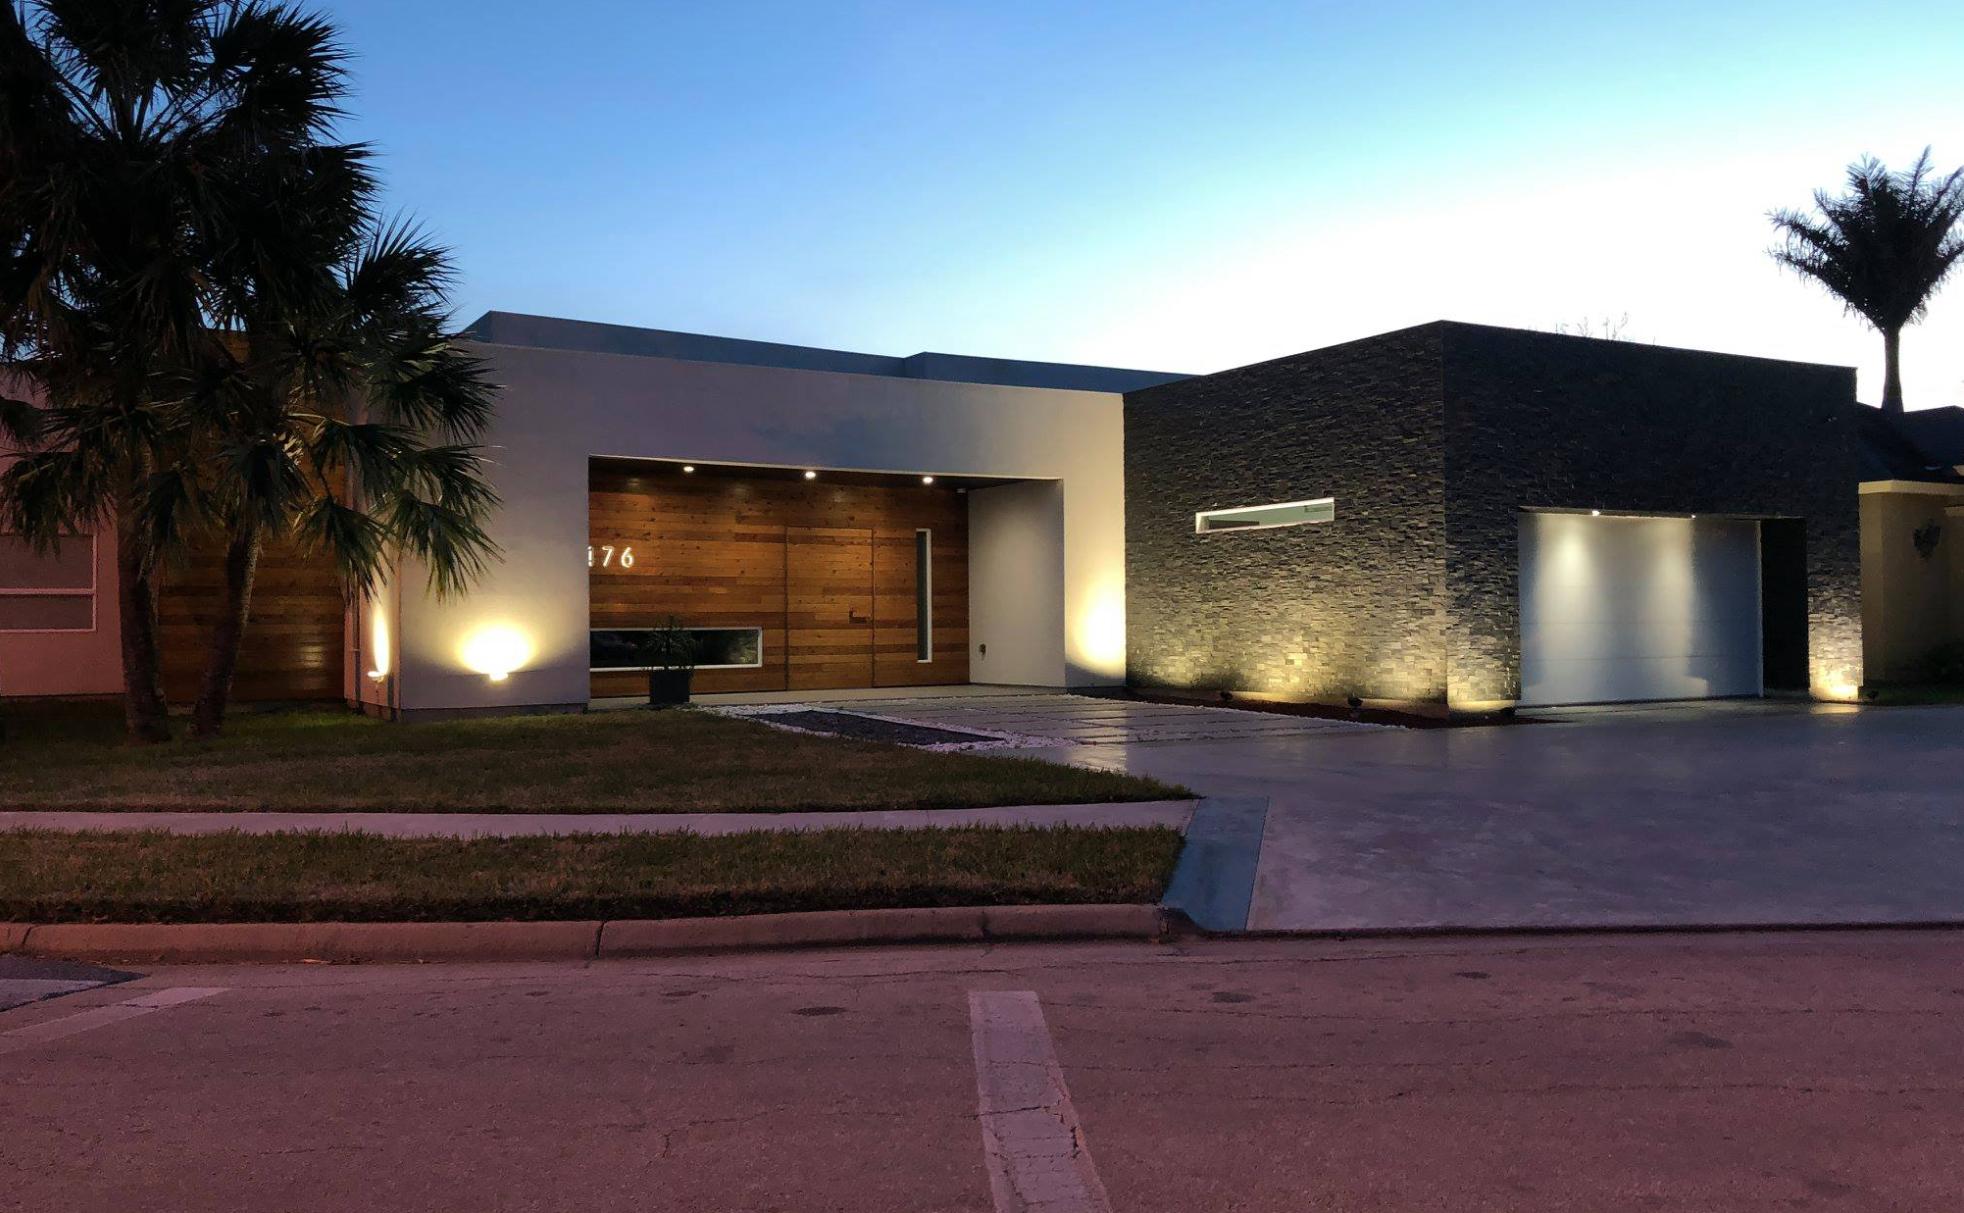 GUSGAR HOUSE | BROWNSVILLE, TX